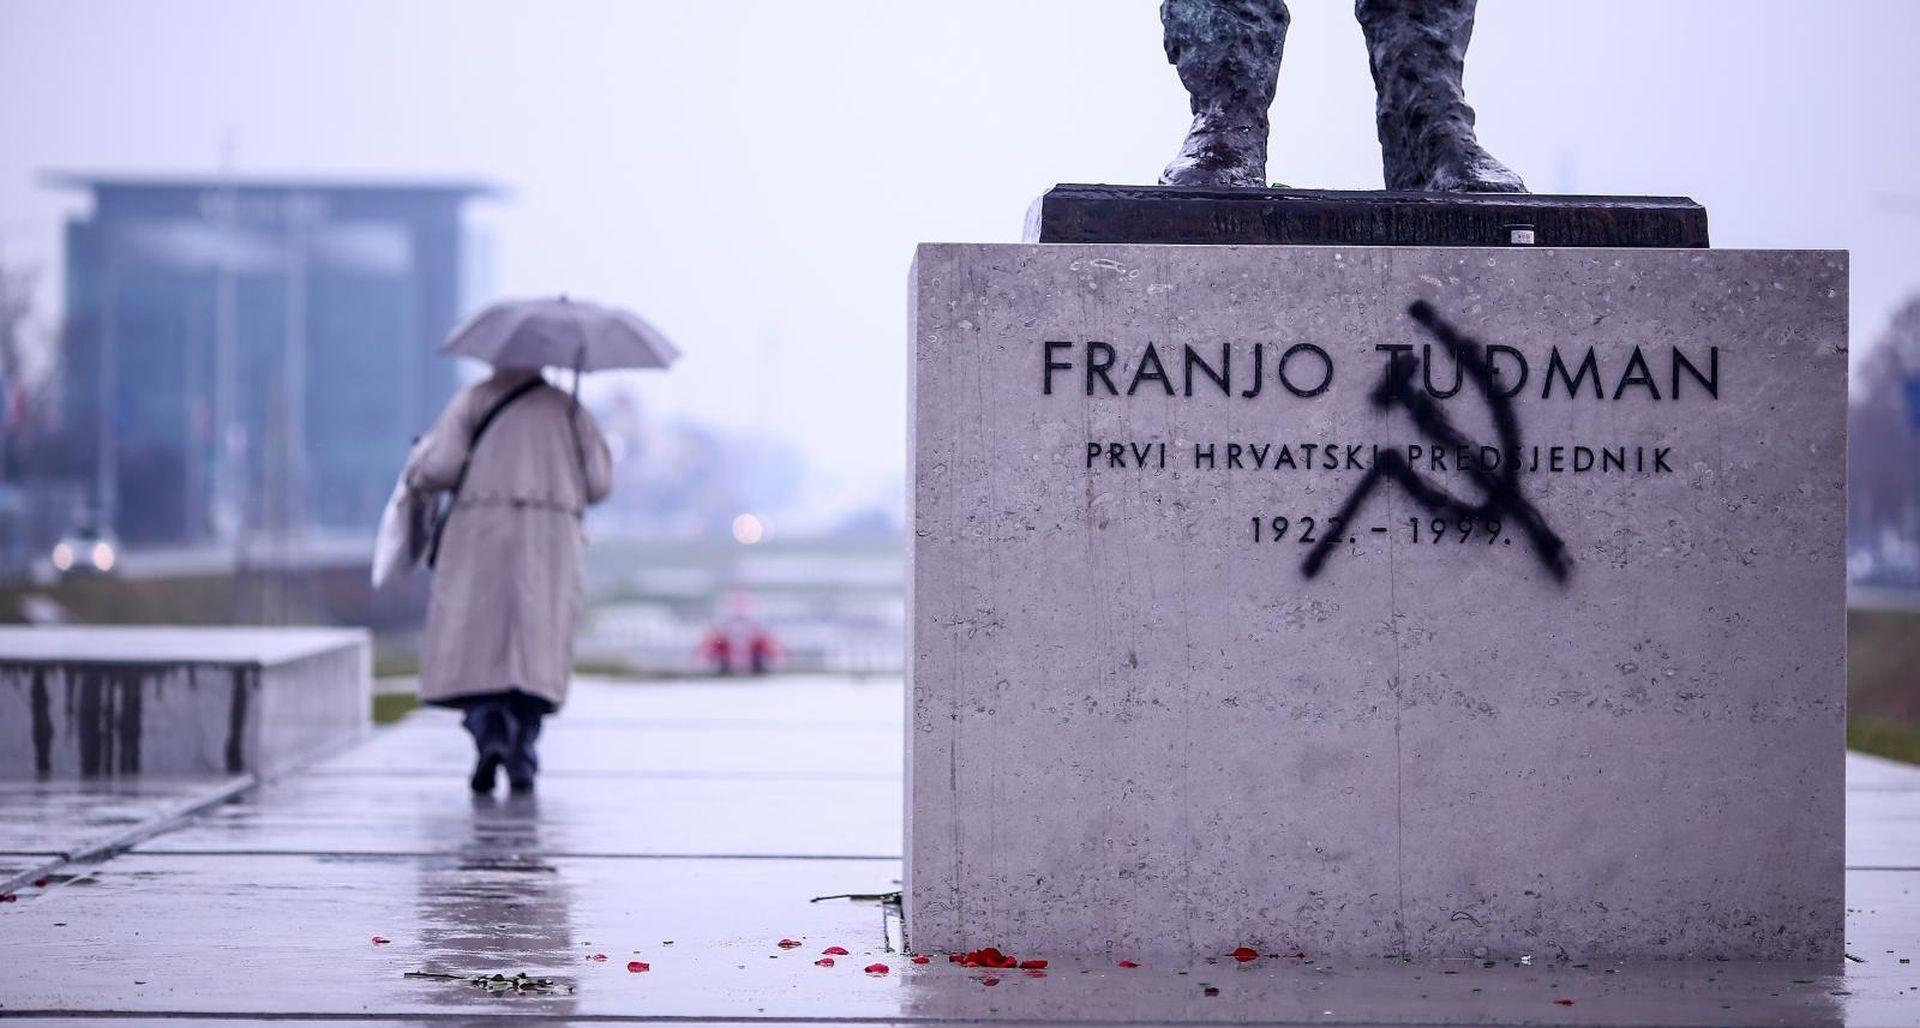 FOTO: Srp i čekić na spomeniku Franji Tuđmanu u Zagrebu